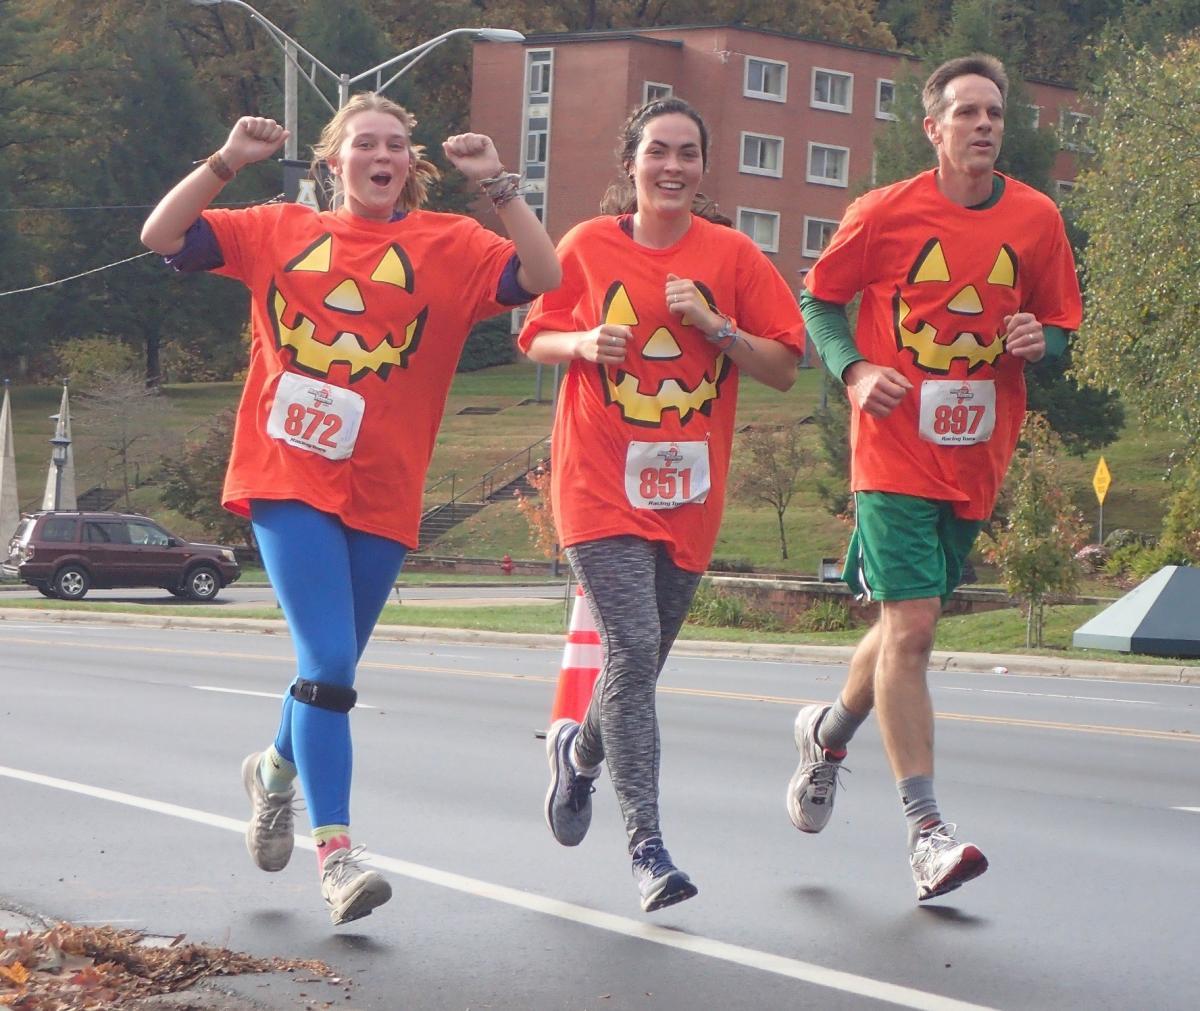 Spooky Duke participants